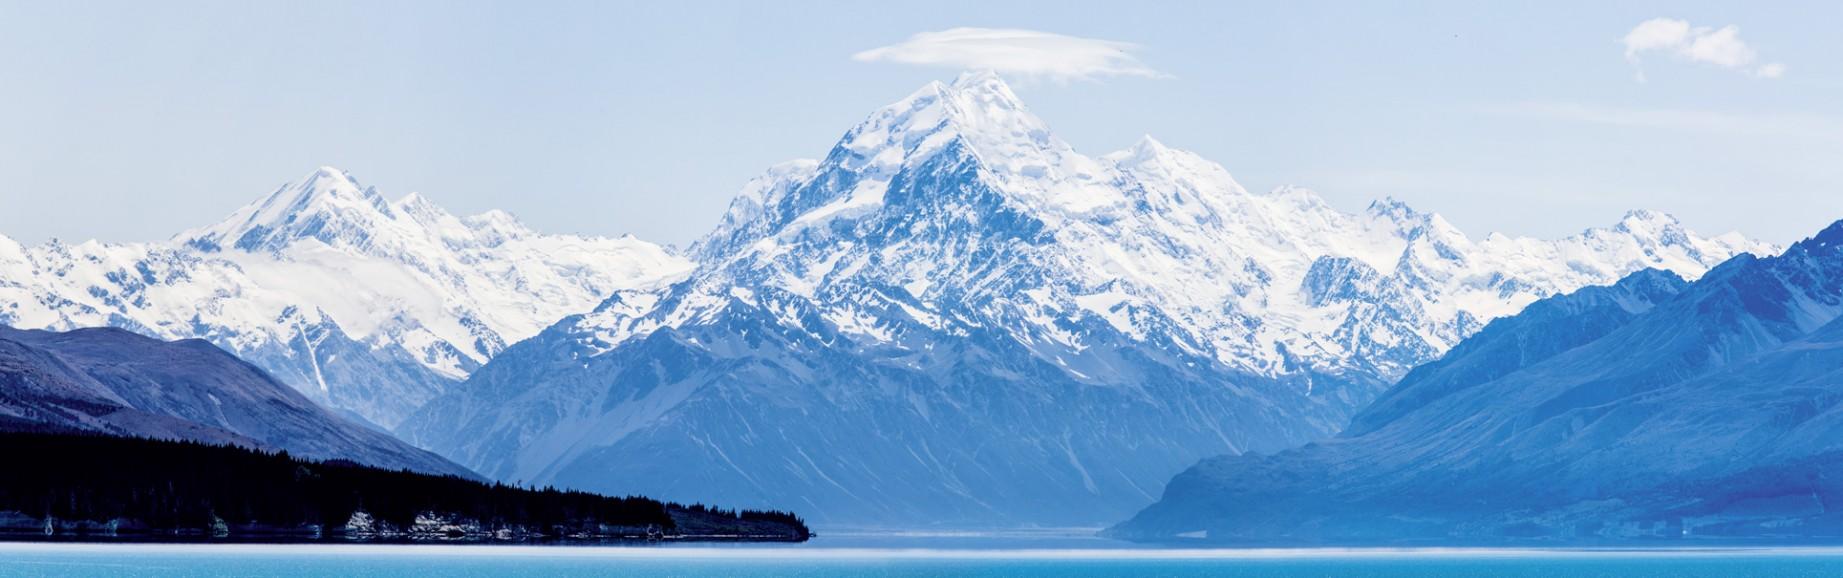 Der höchste Neuseeländer: Mount Cook über dem Lake Pukaki